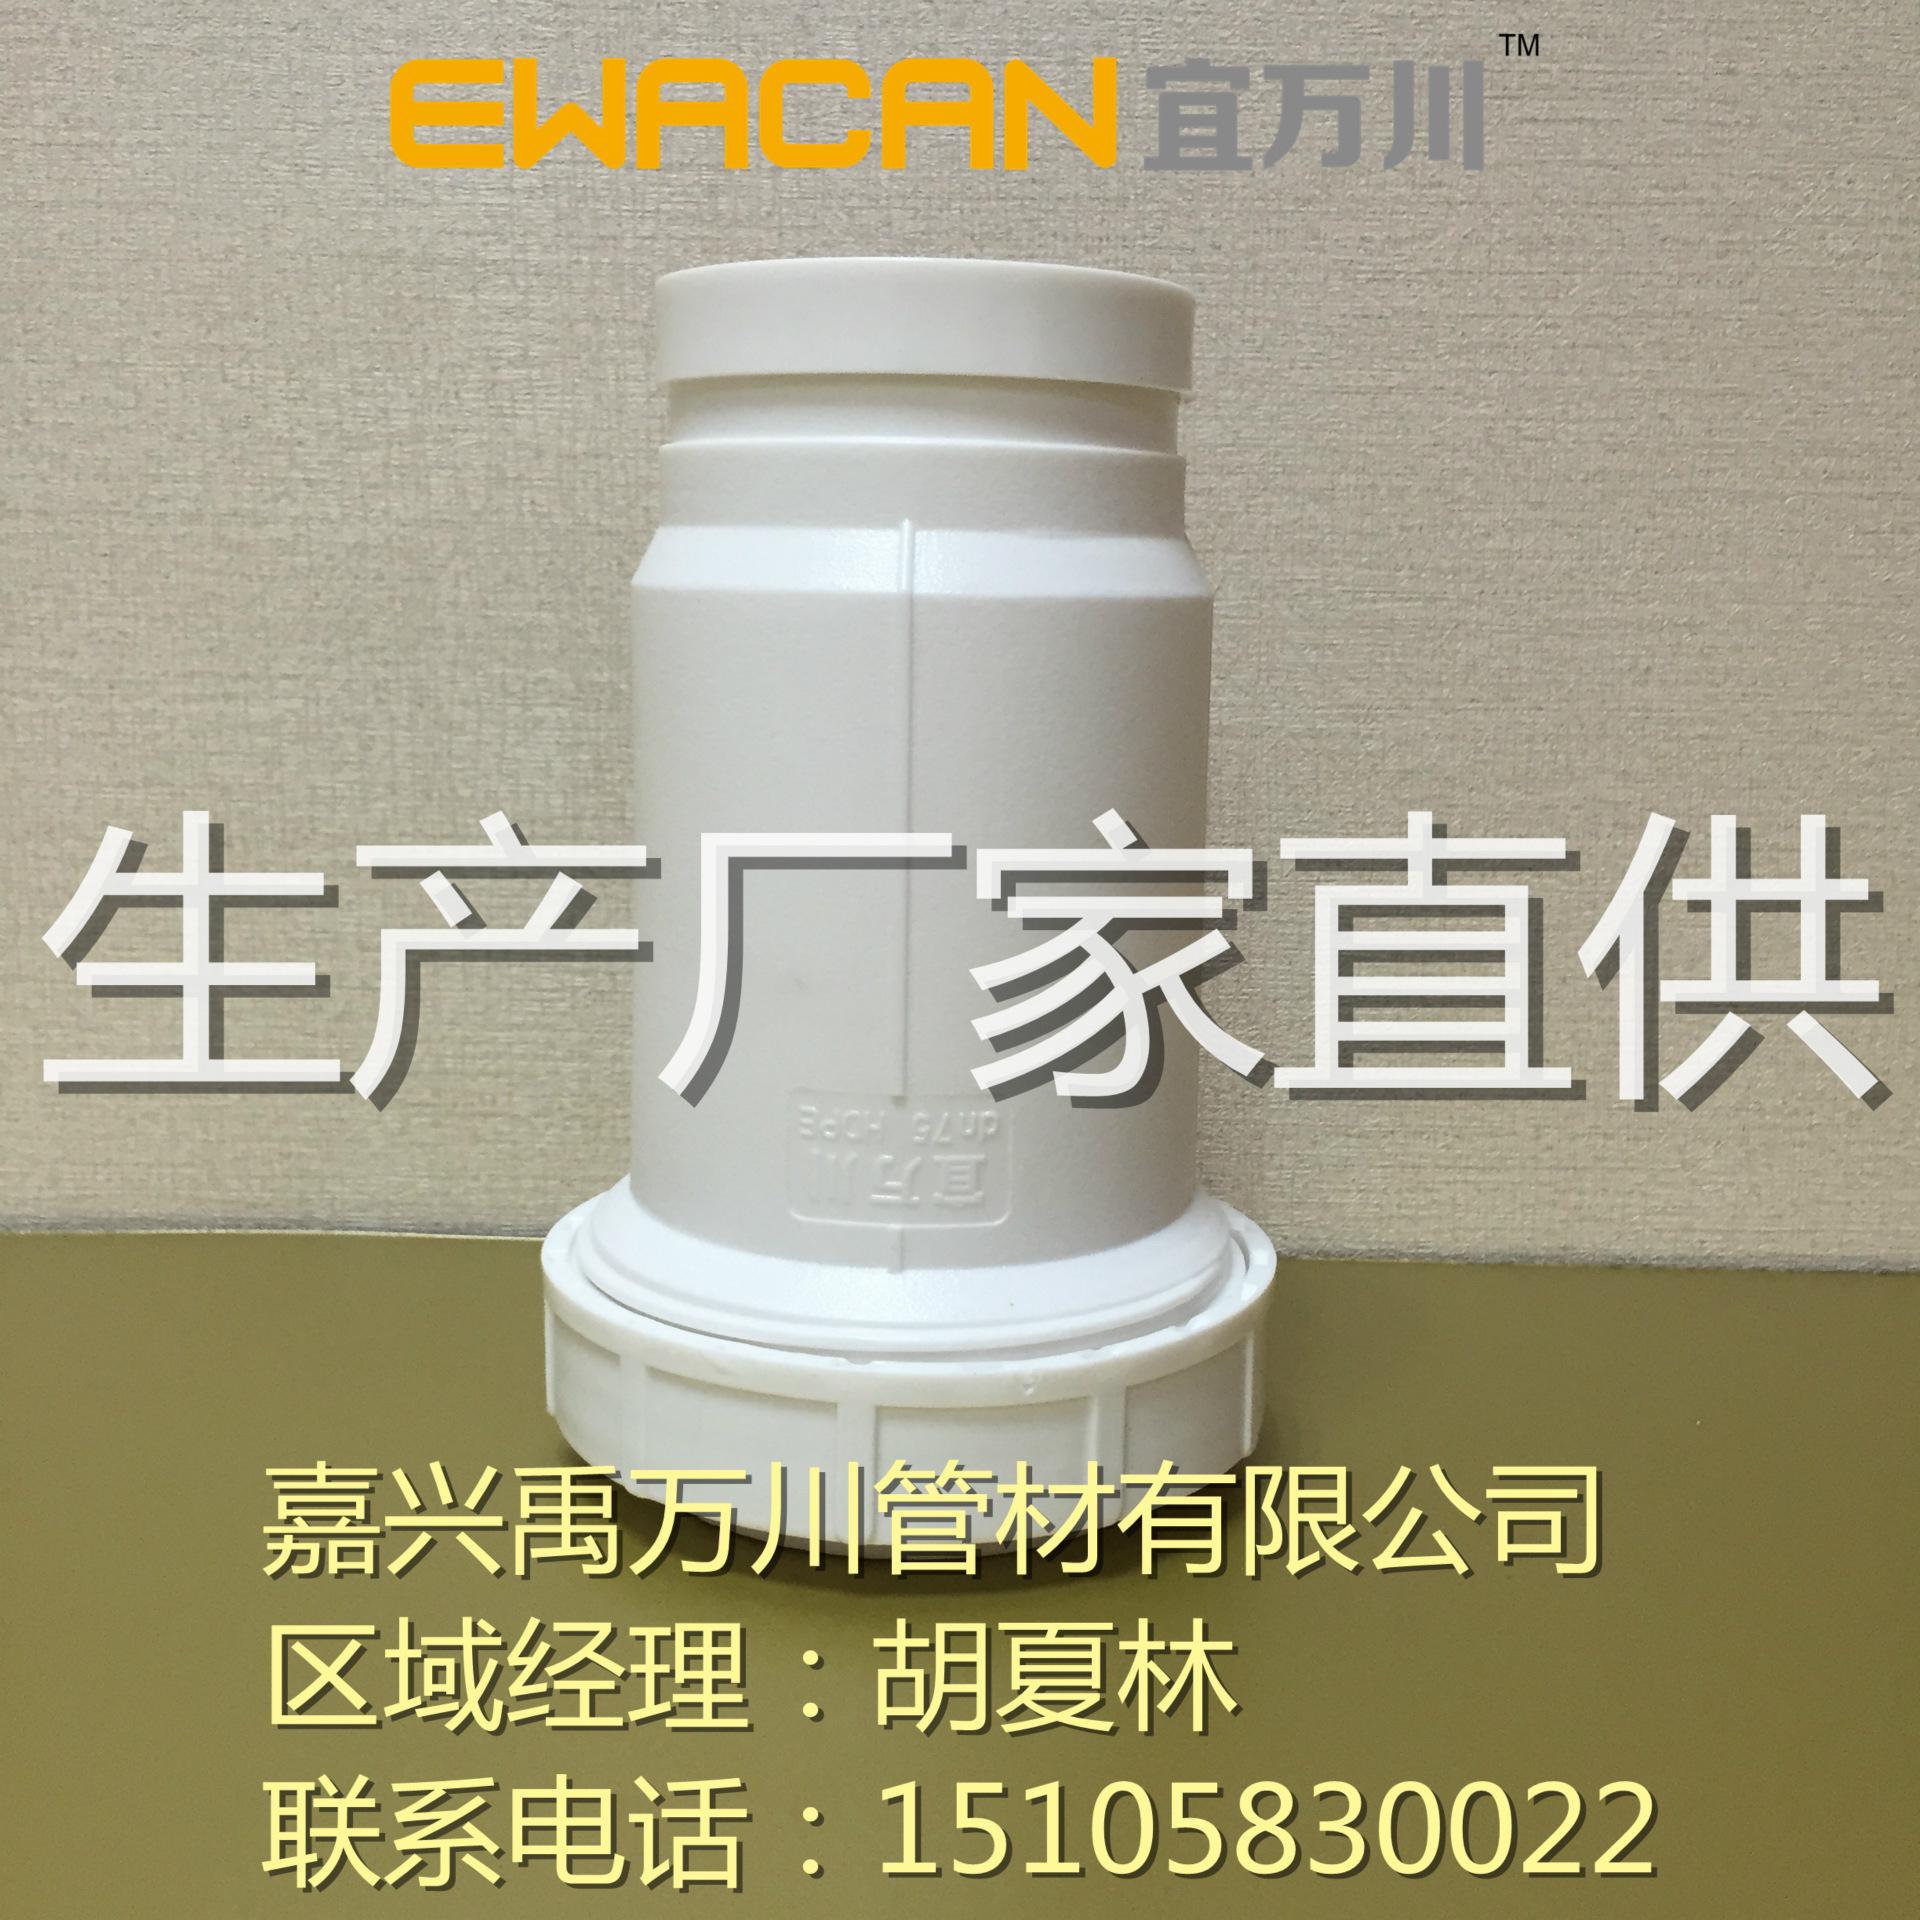 直供沟槽式HDPE超静音排水管,PVC转换接(厂家),HDPE 静音管示例图1